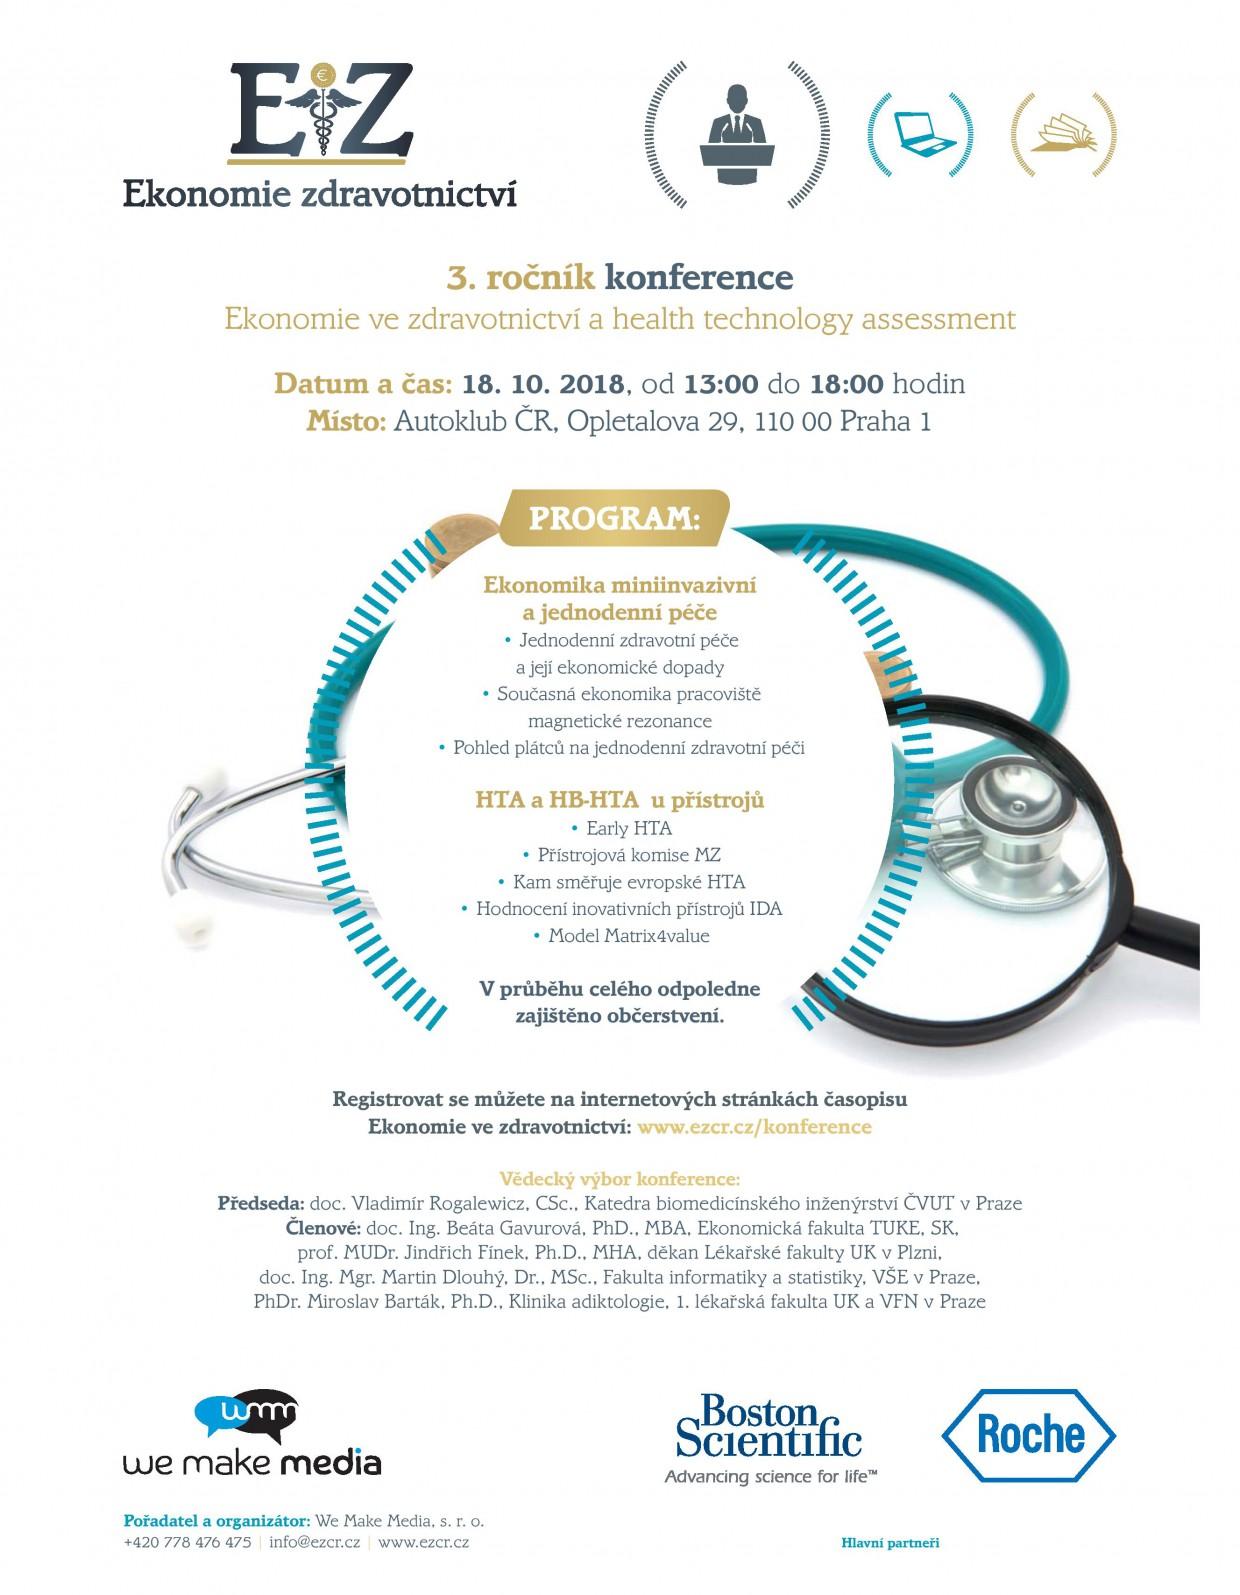 Ekonomie zdravotnictví - konference